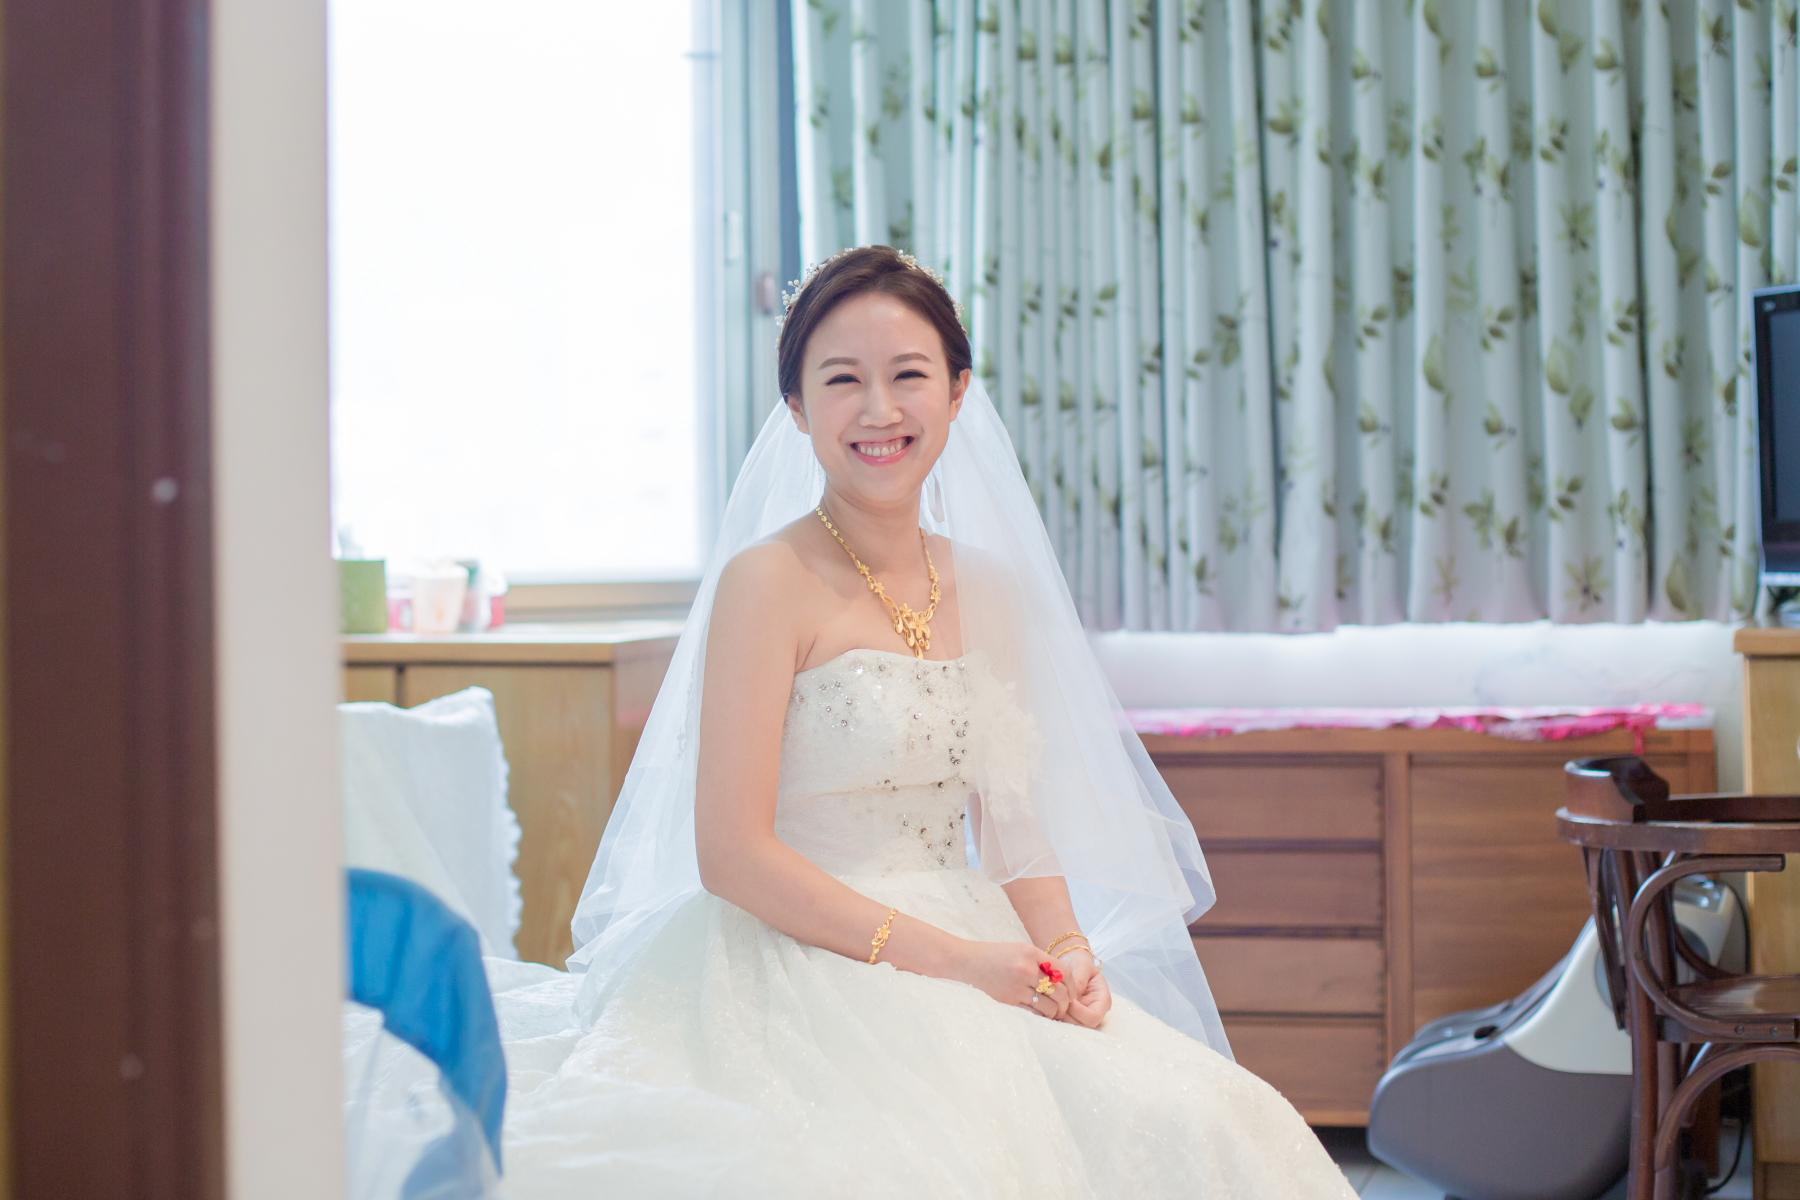 鴻璿鈺婷婚禮298